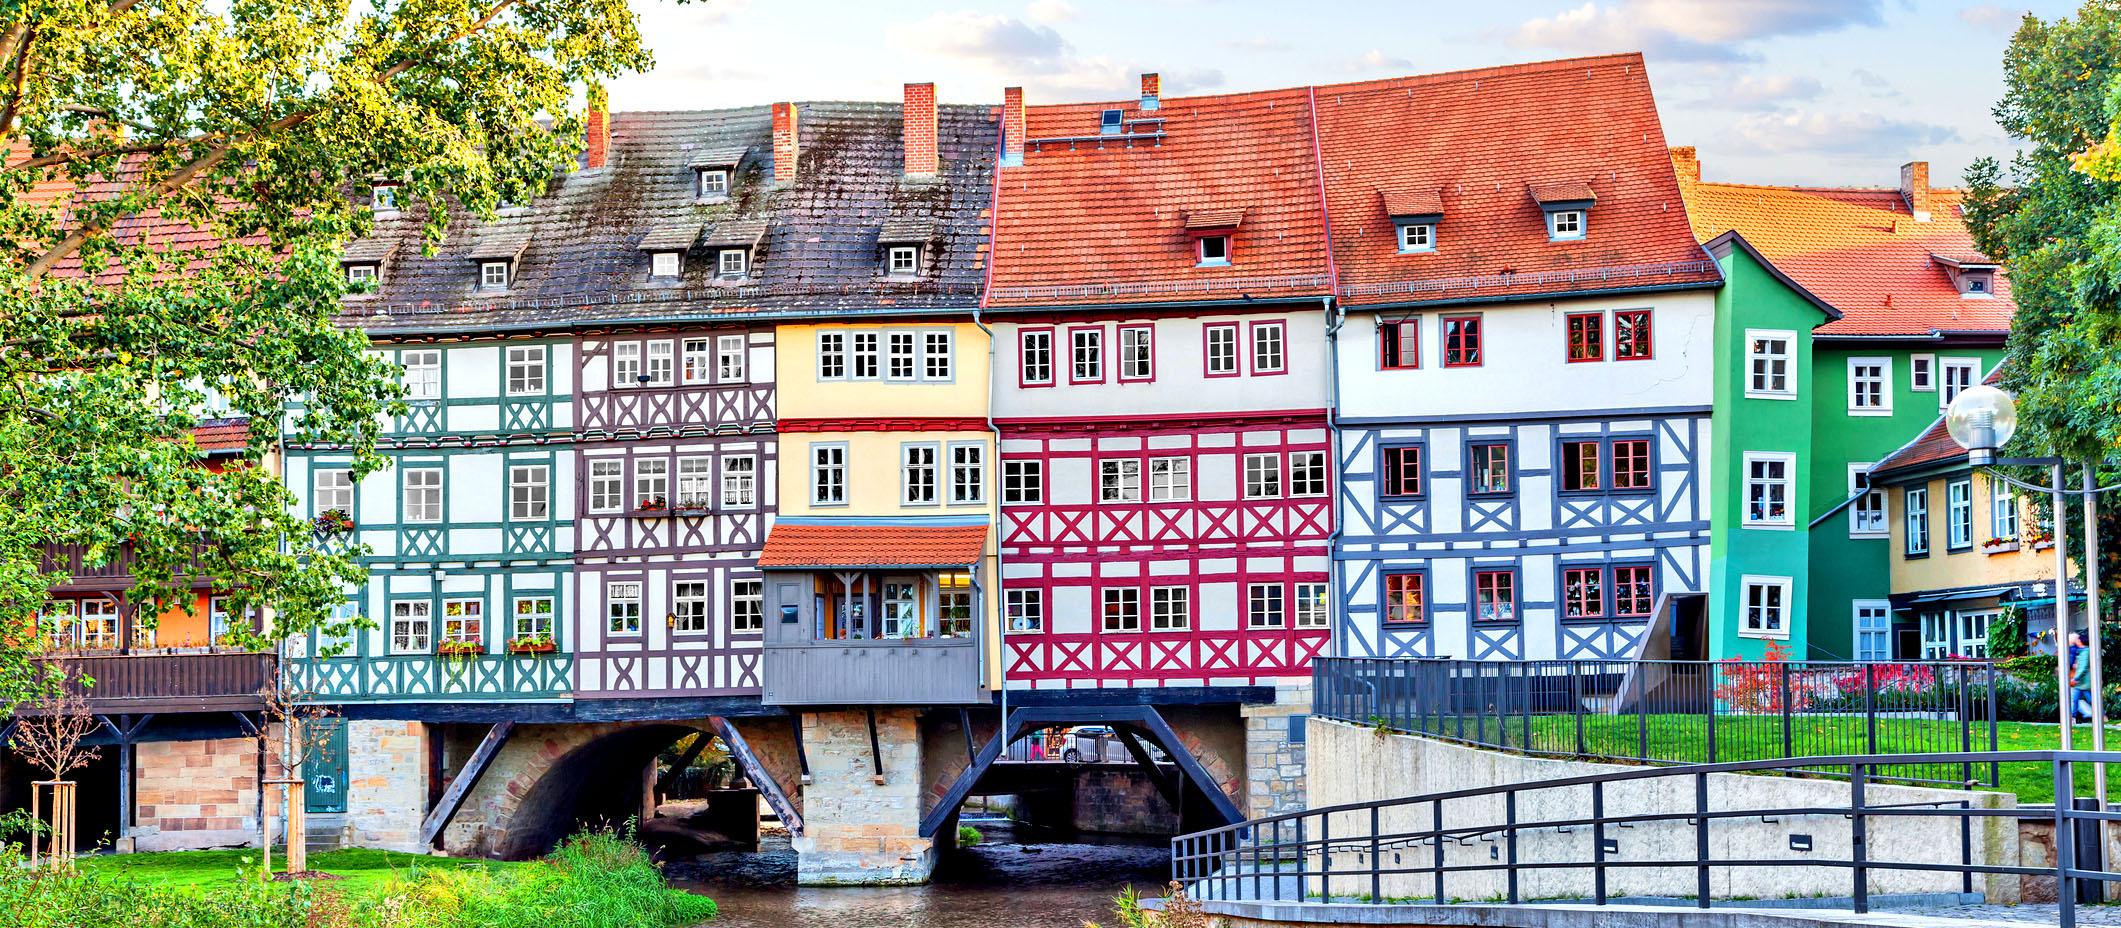 Kramerbrücke in Erfurt